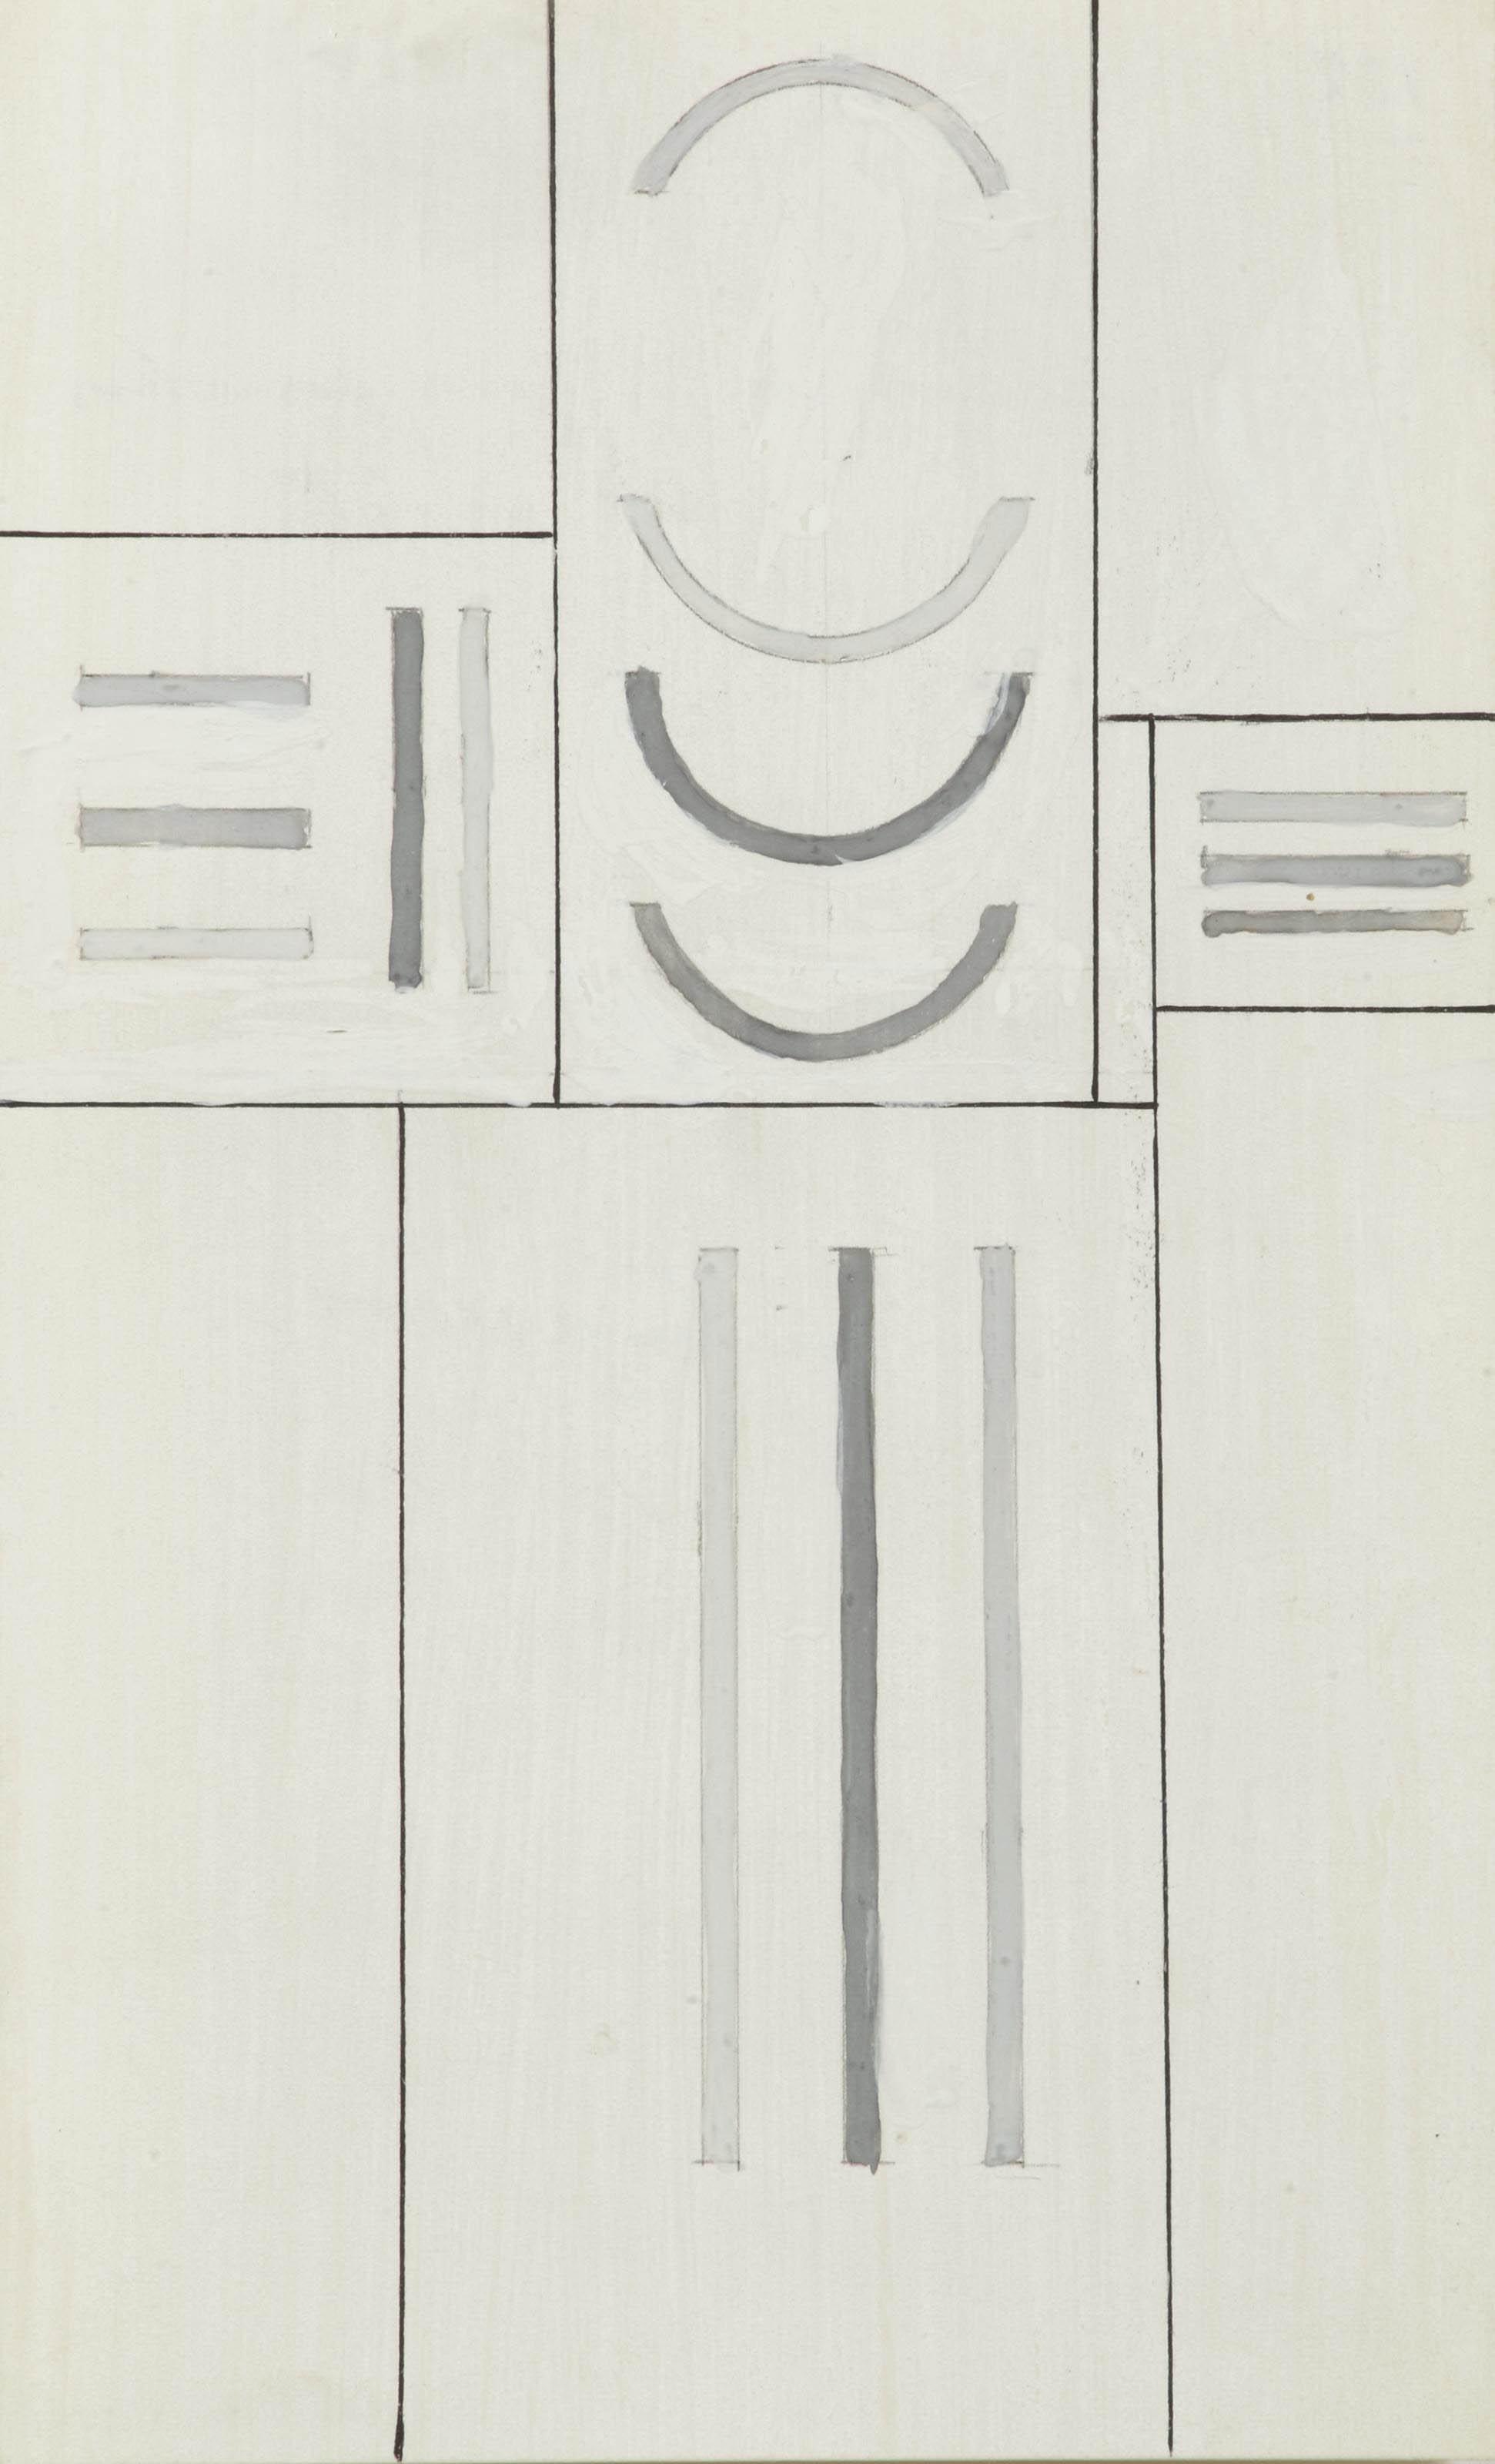 Fonction de lignes, courbes et droites